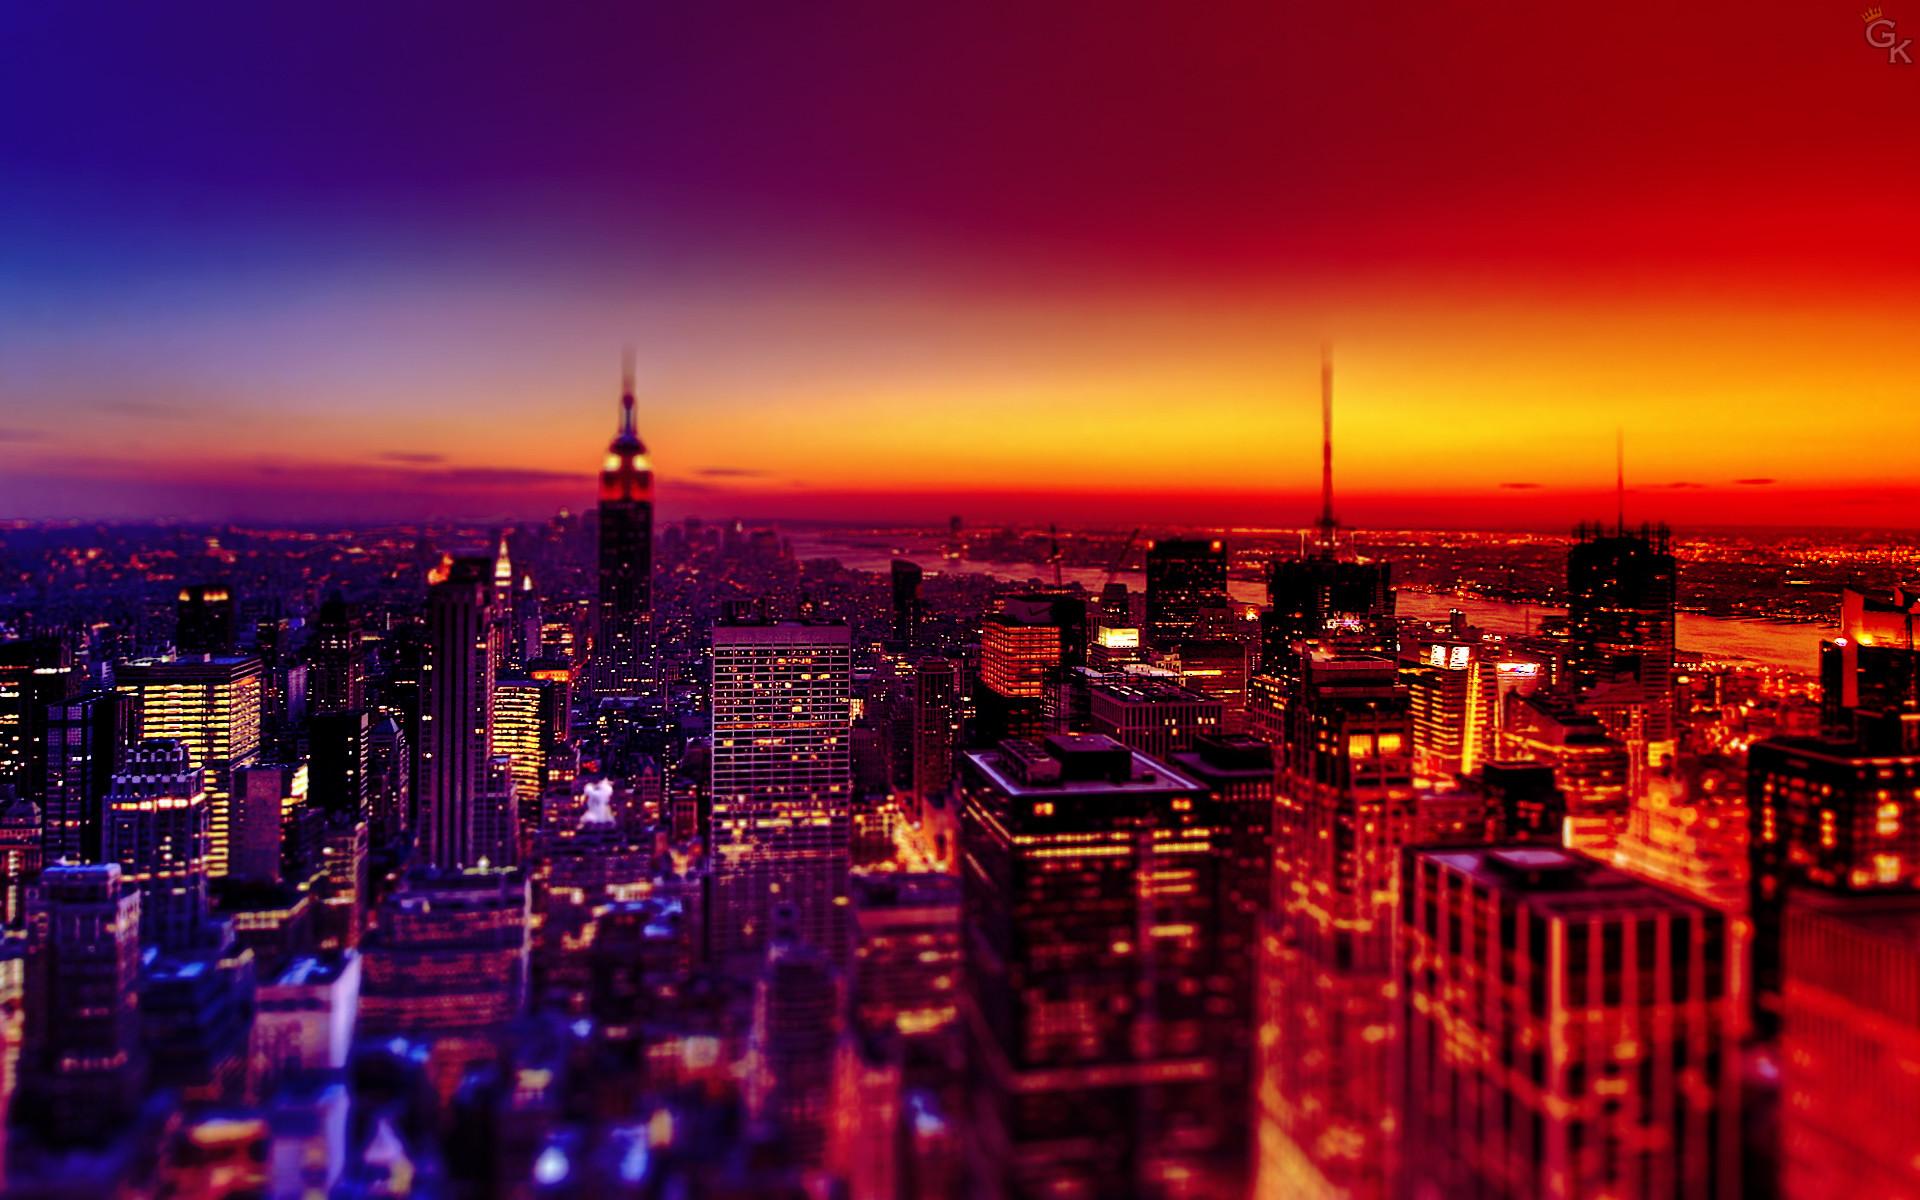 City night wallpaper wallpapertag - Night light hd wallpaper ...